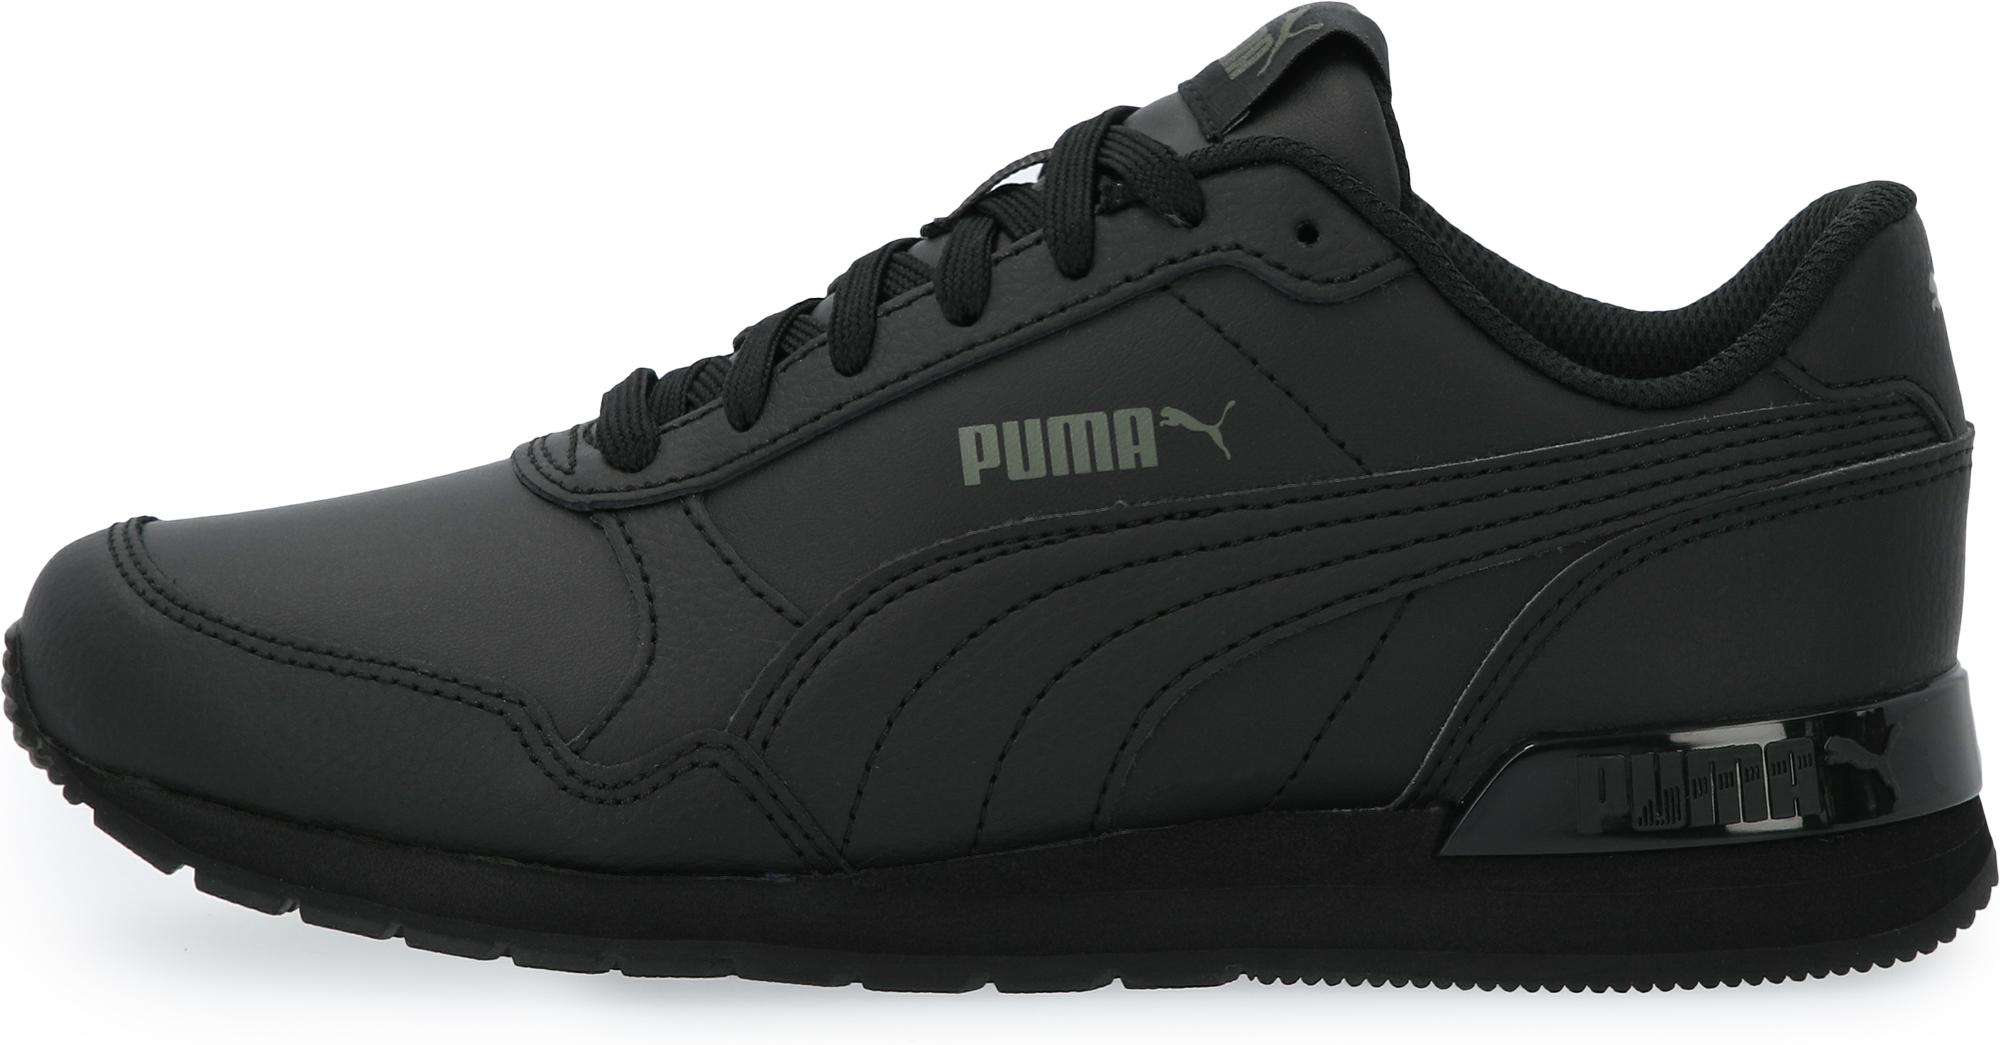 Фото - Puma Кроссовки для мальчиков Puma St Runner V2 L Jr, размер 36 кроссовки мужские puma st runner